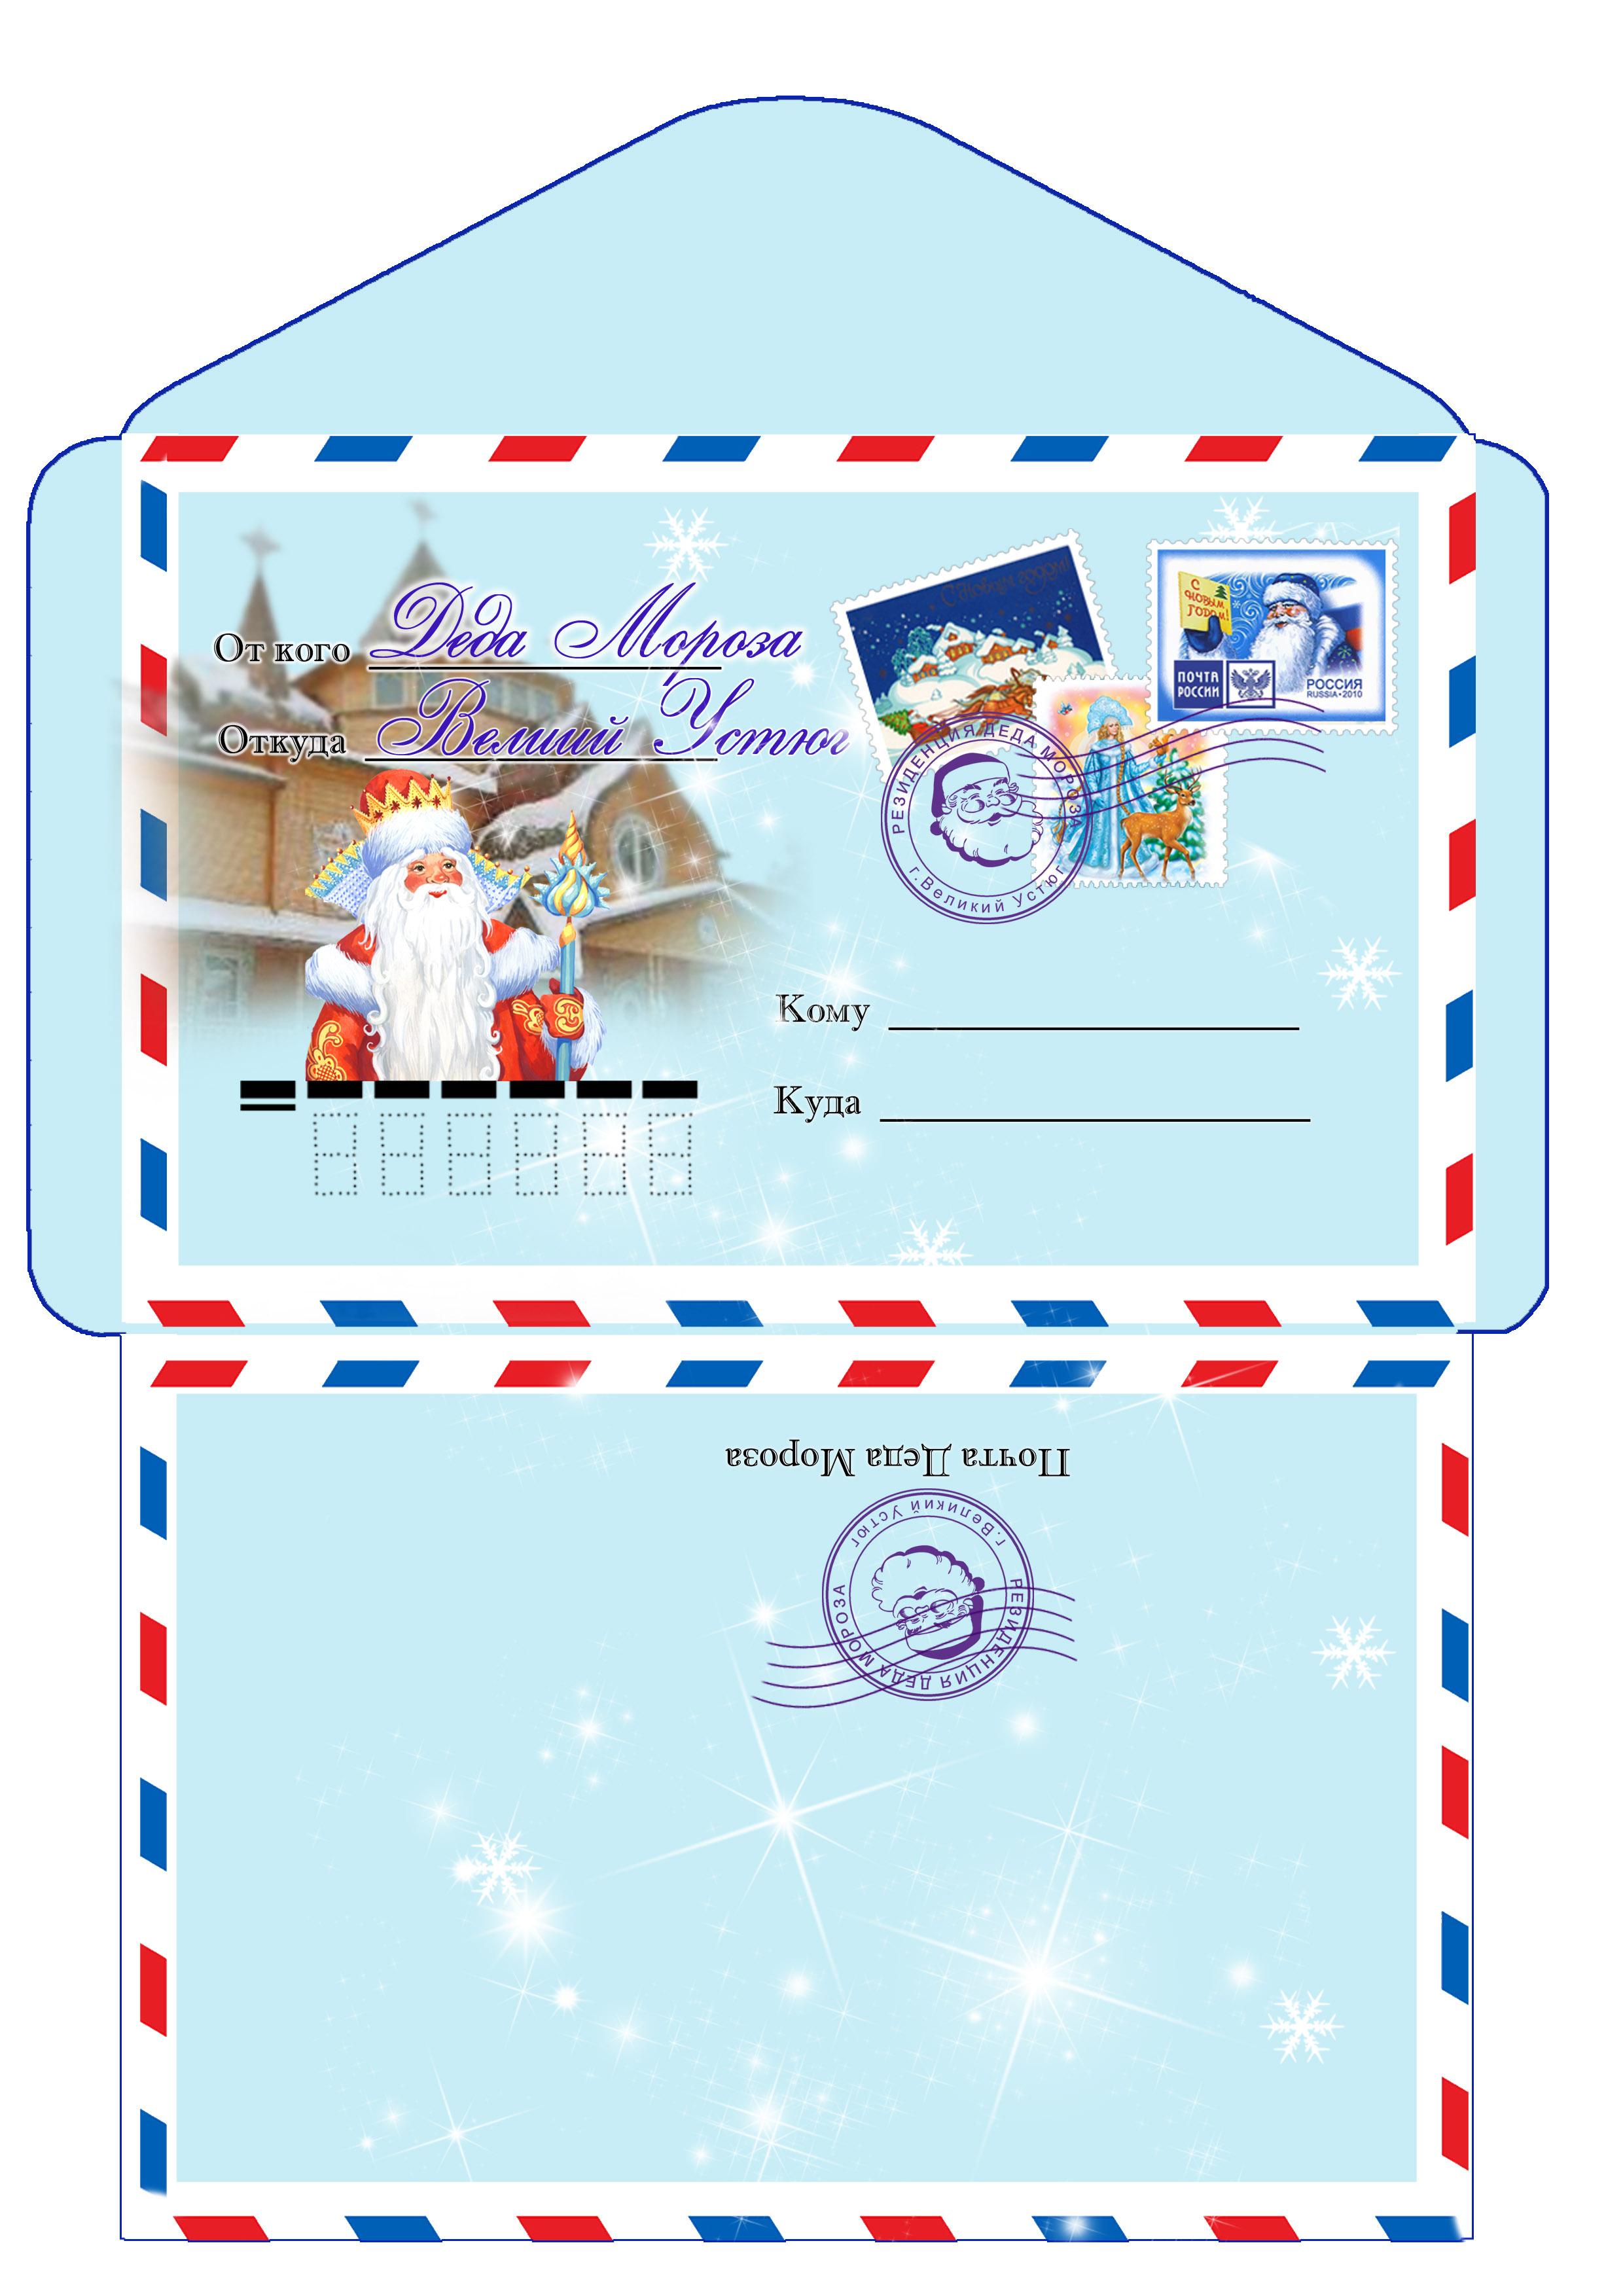 картинка конверта для письма для деда мороза прилегание очков лицу